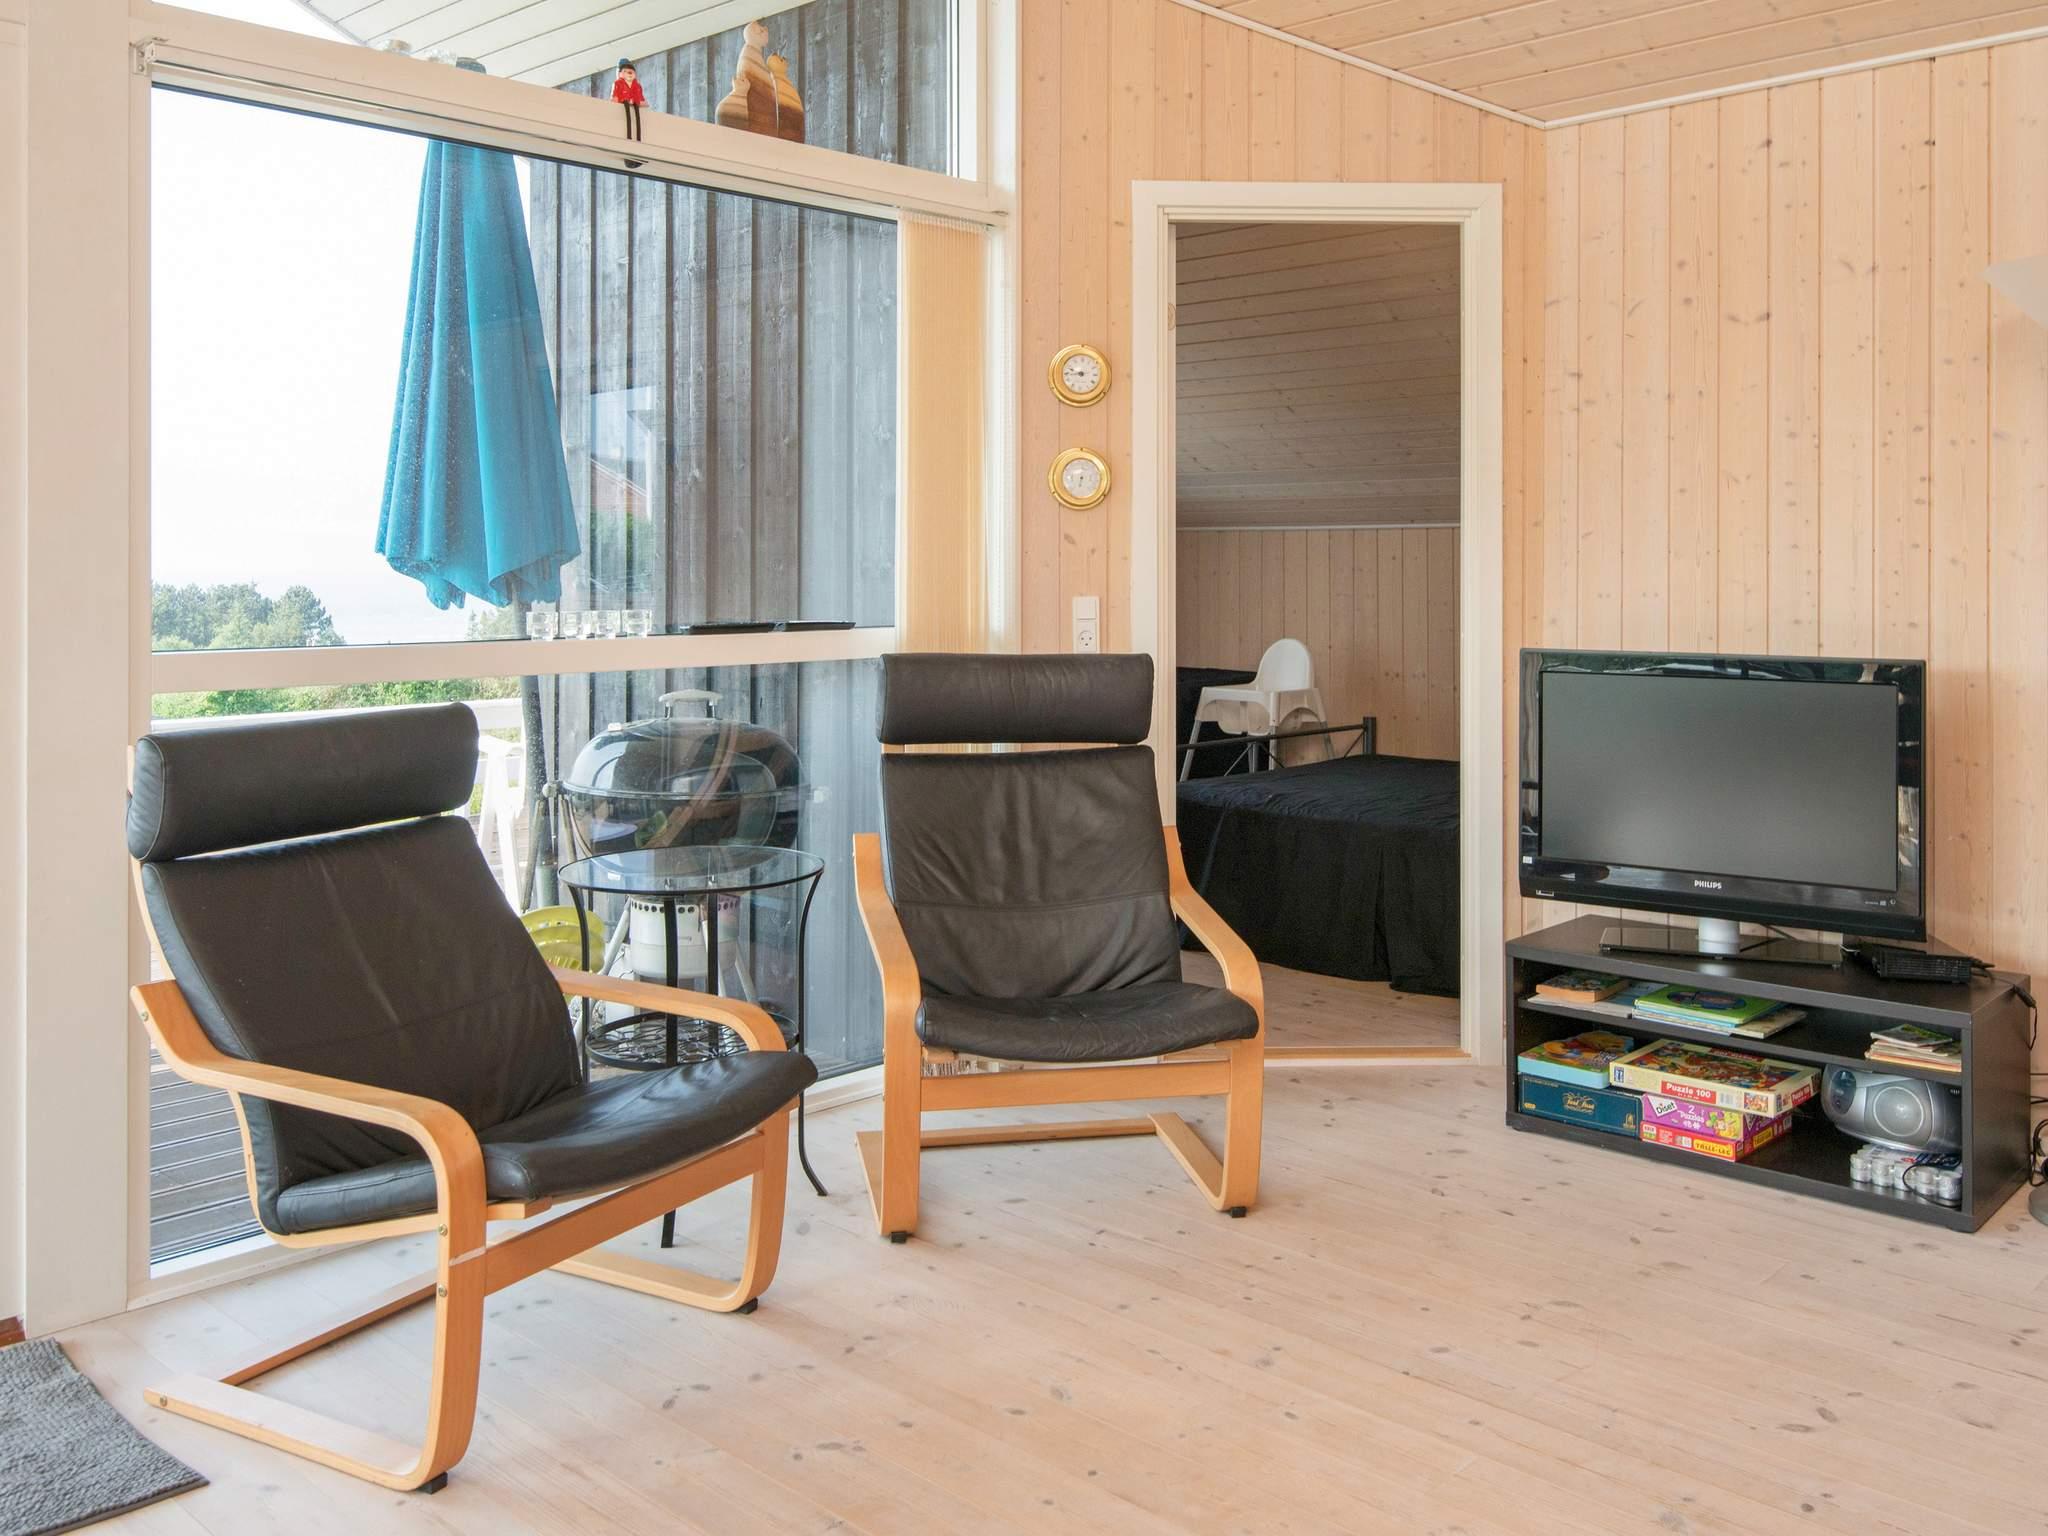 Ferienhaus Bønnerup Strand (601852), Bønnerup, , Ostjütland, Dänemark, Bild 3